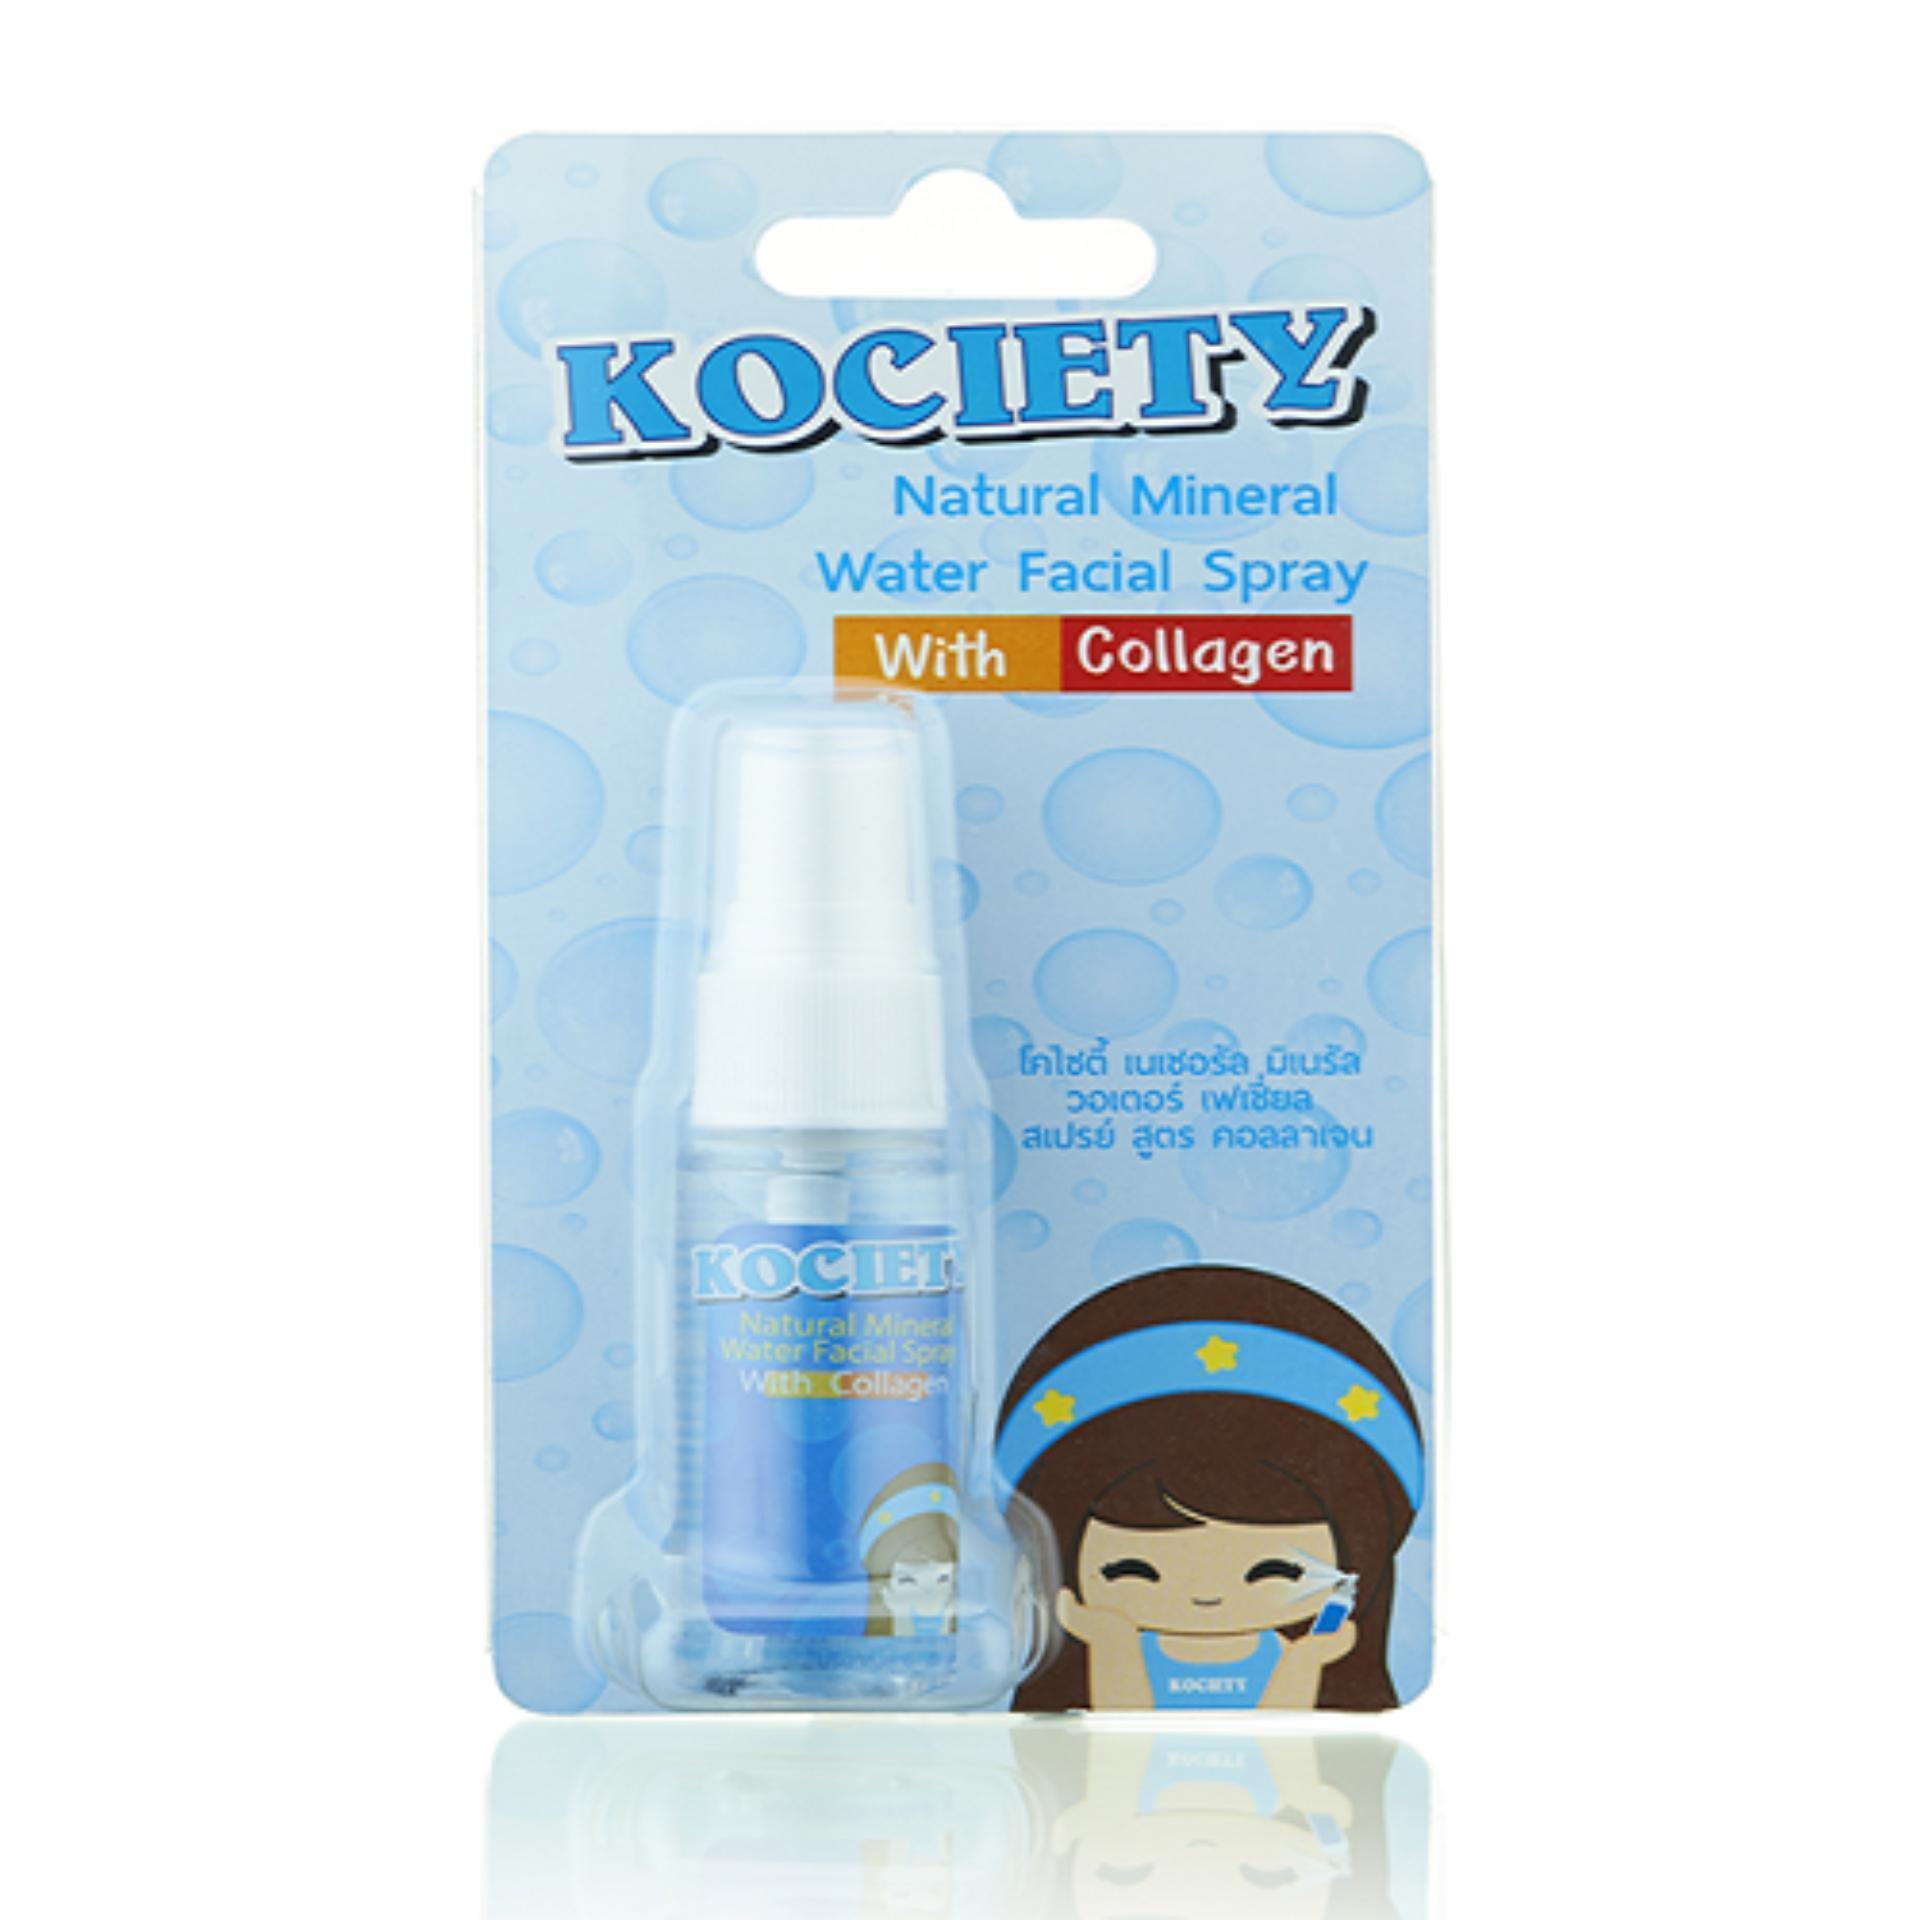 Nước khoáng xịt rửa mặt Kociety trẻ hóa với Collagen Natural dưỡng ẩm da mặt lọ 20ml - VNTOPBUY tốt nhất